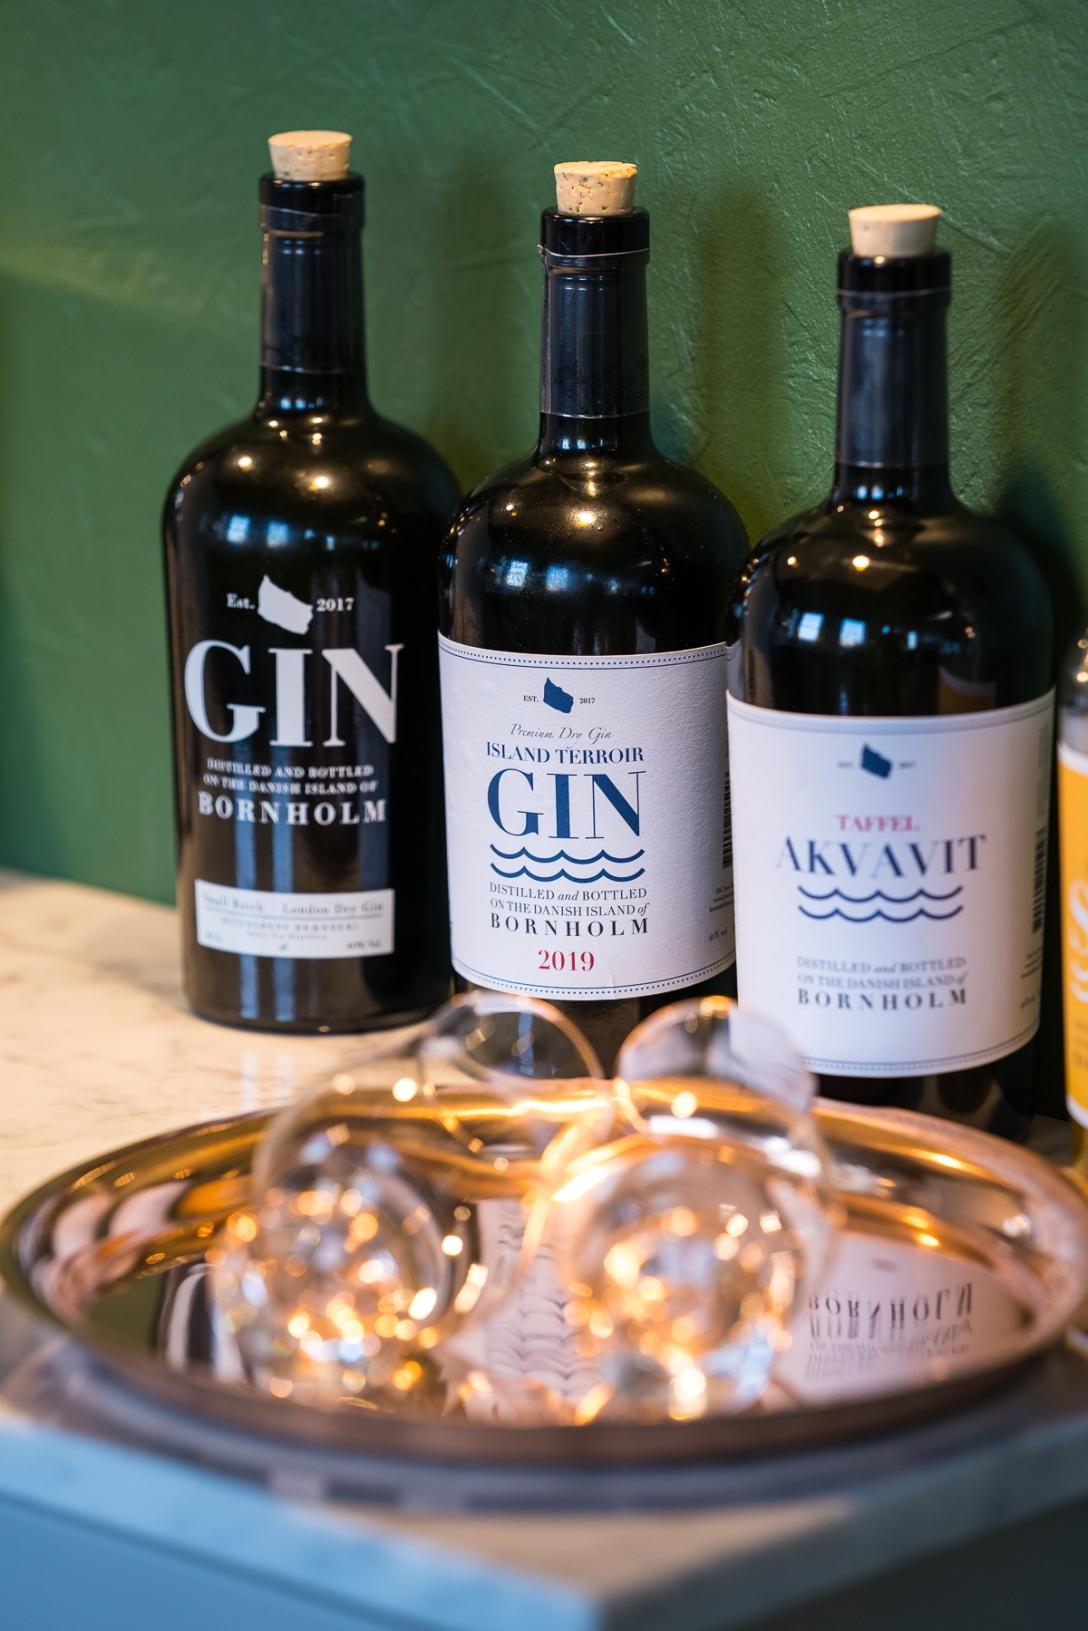 Gin og akvavit fra Østersøens Brænderi. Photo by Michael Sperling.